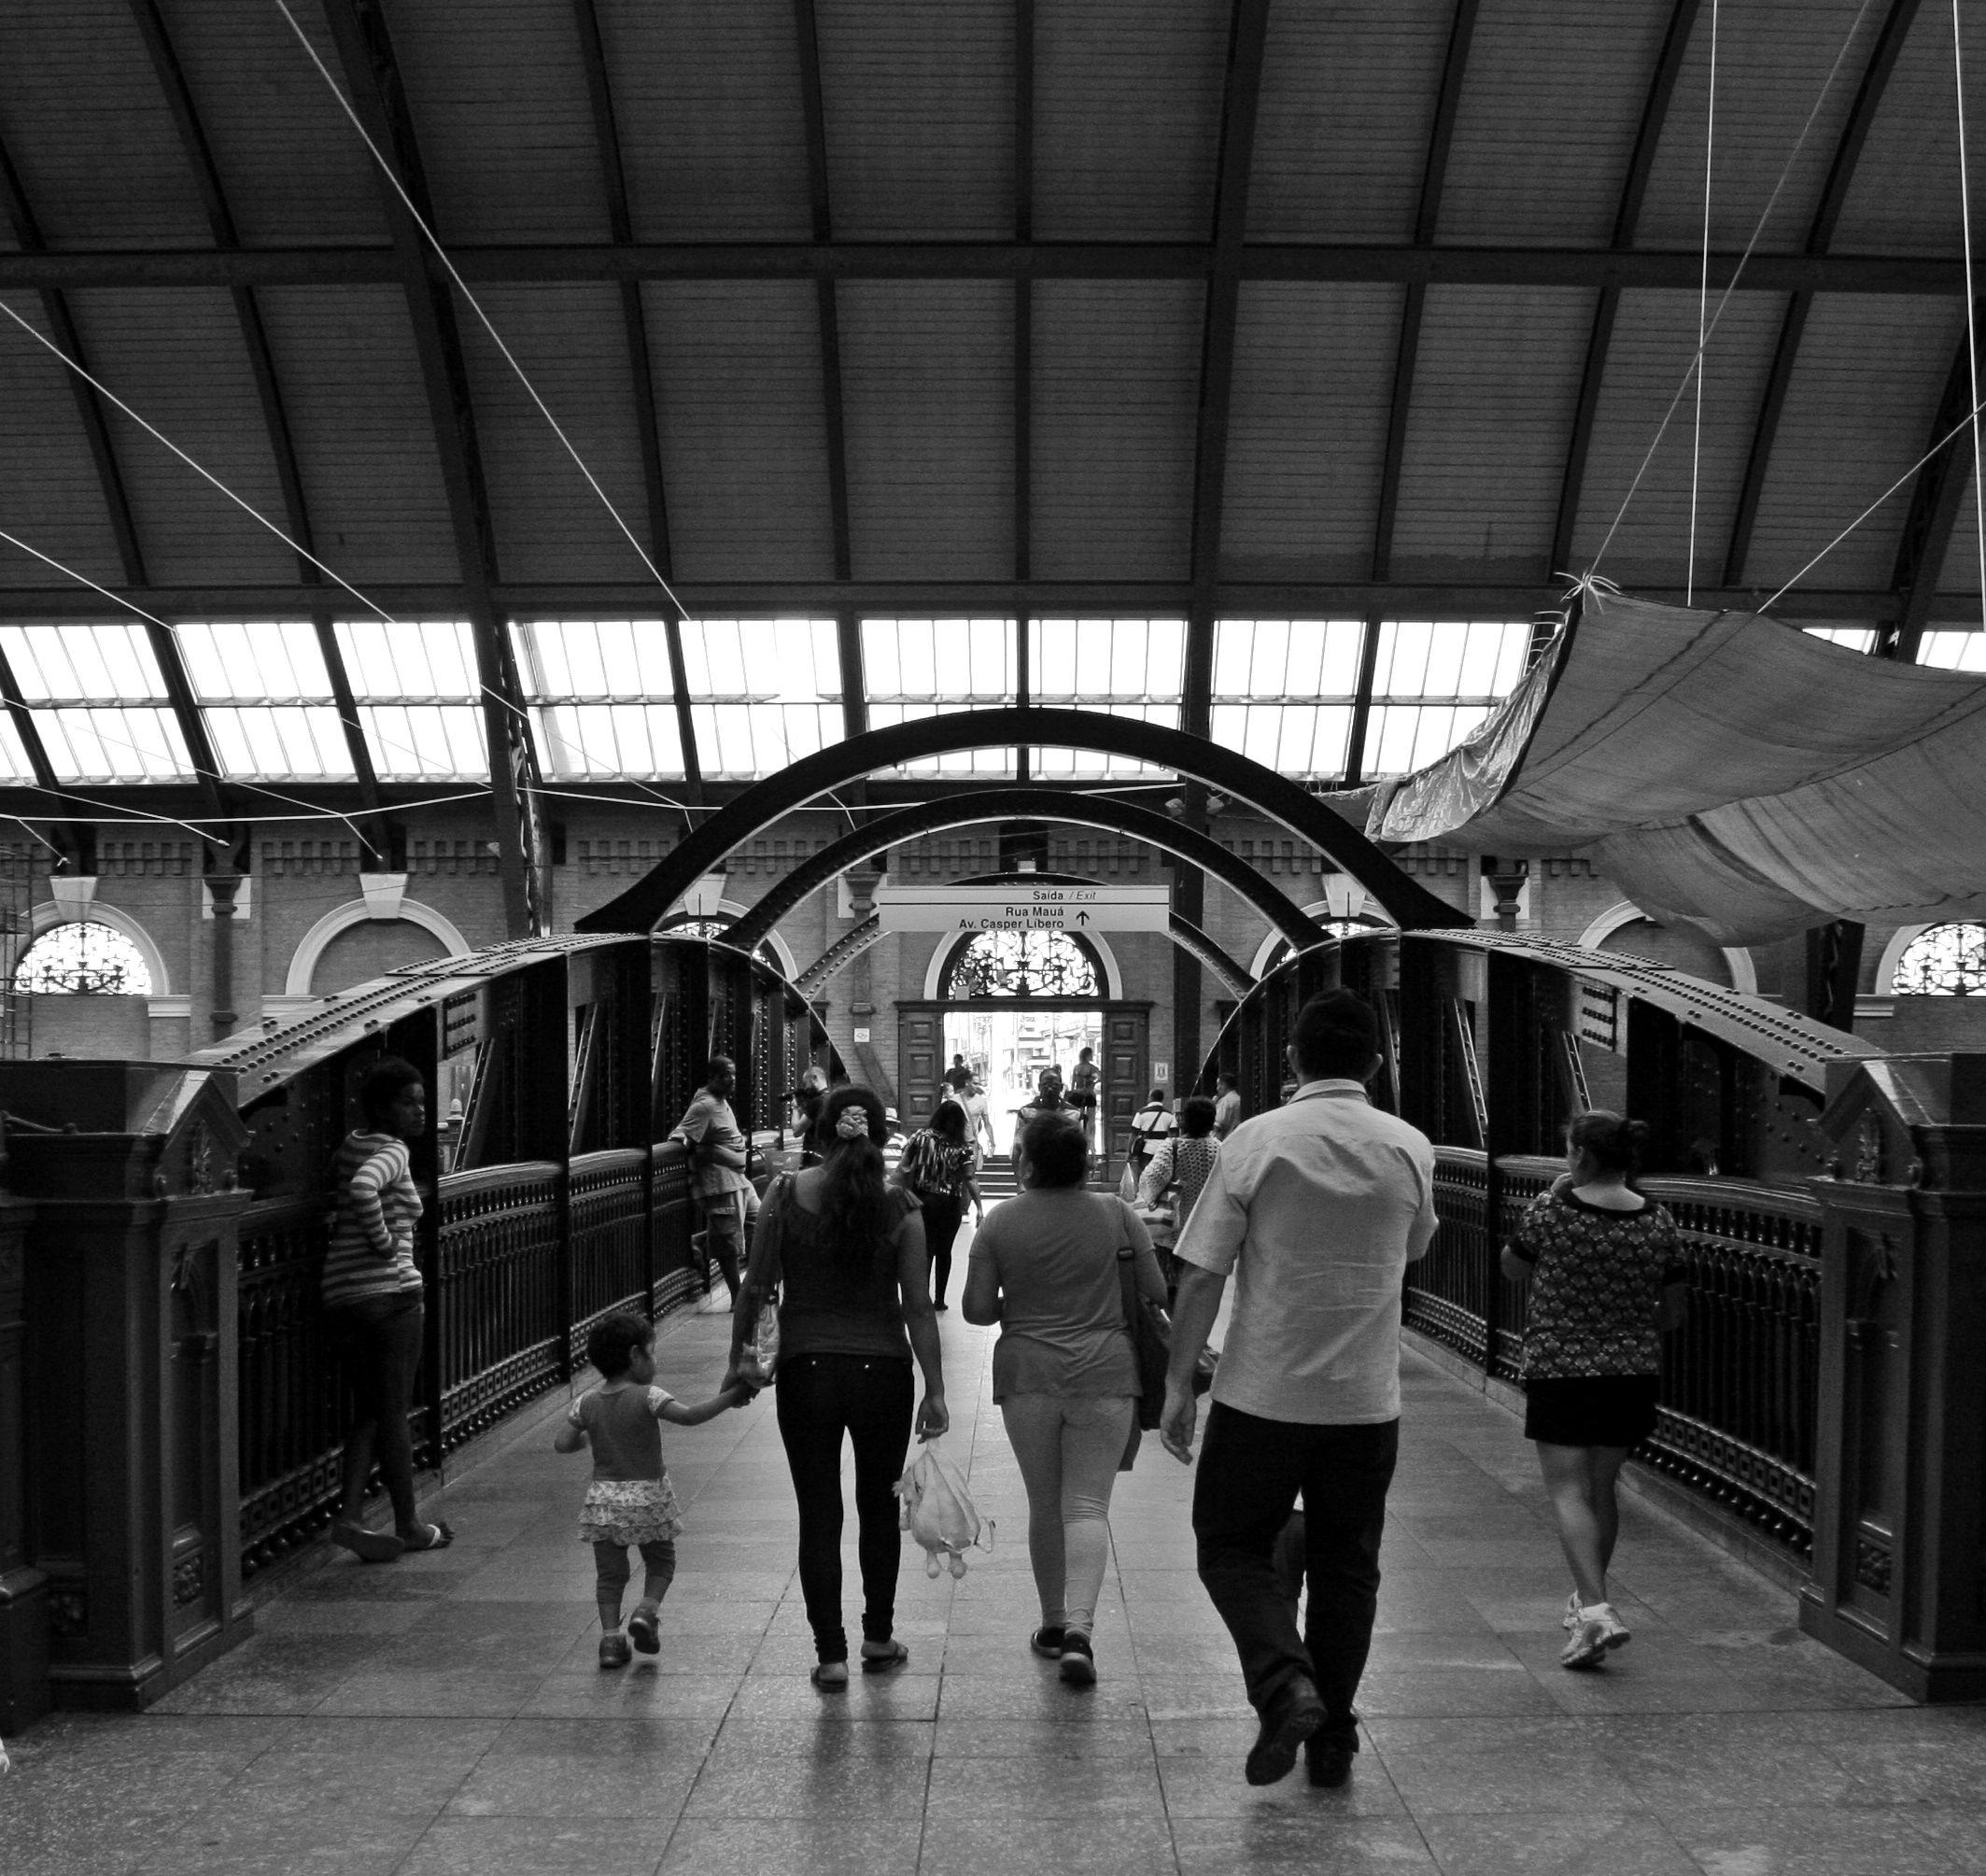 Estação Luz _SP Por: Elen Barbosa